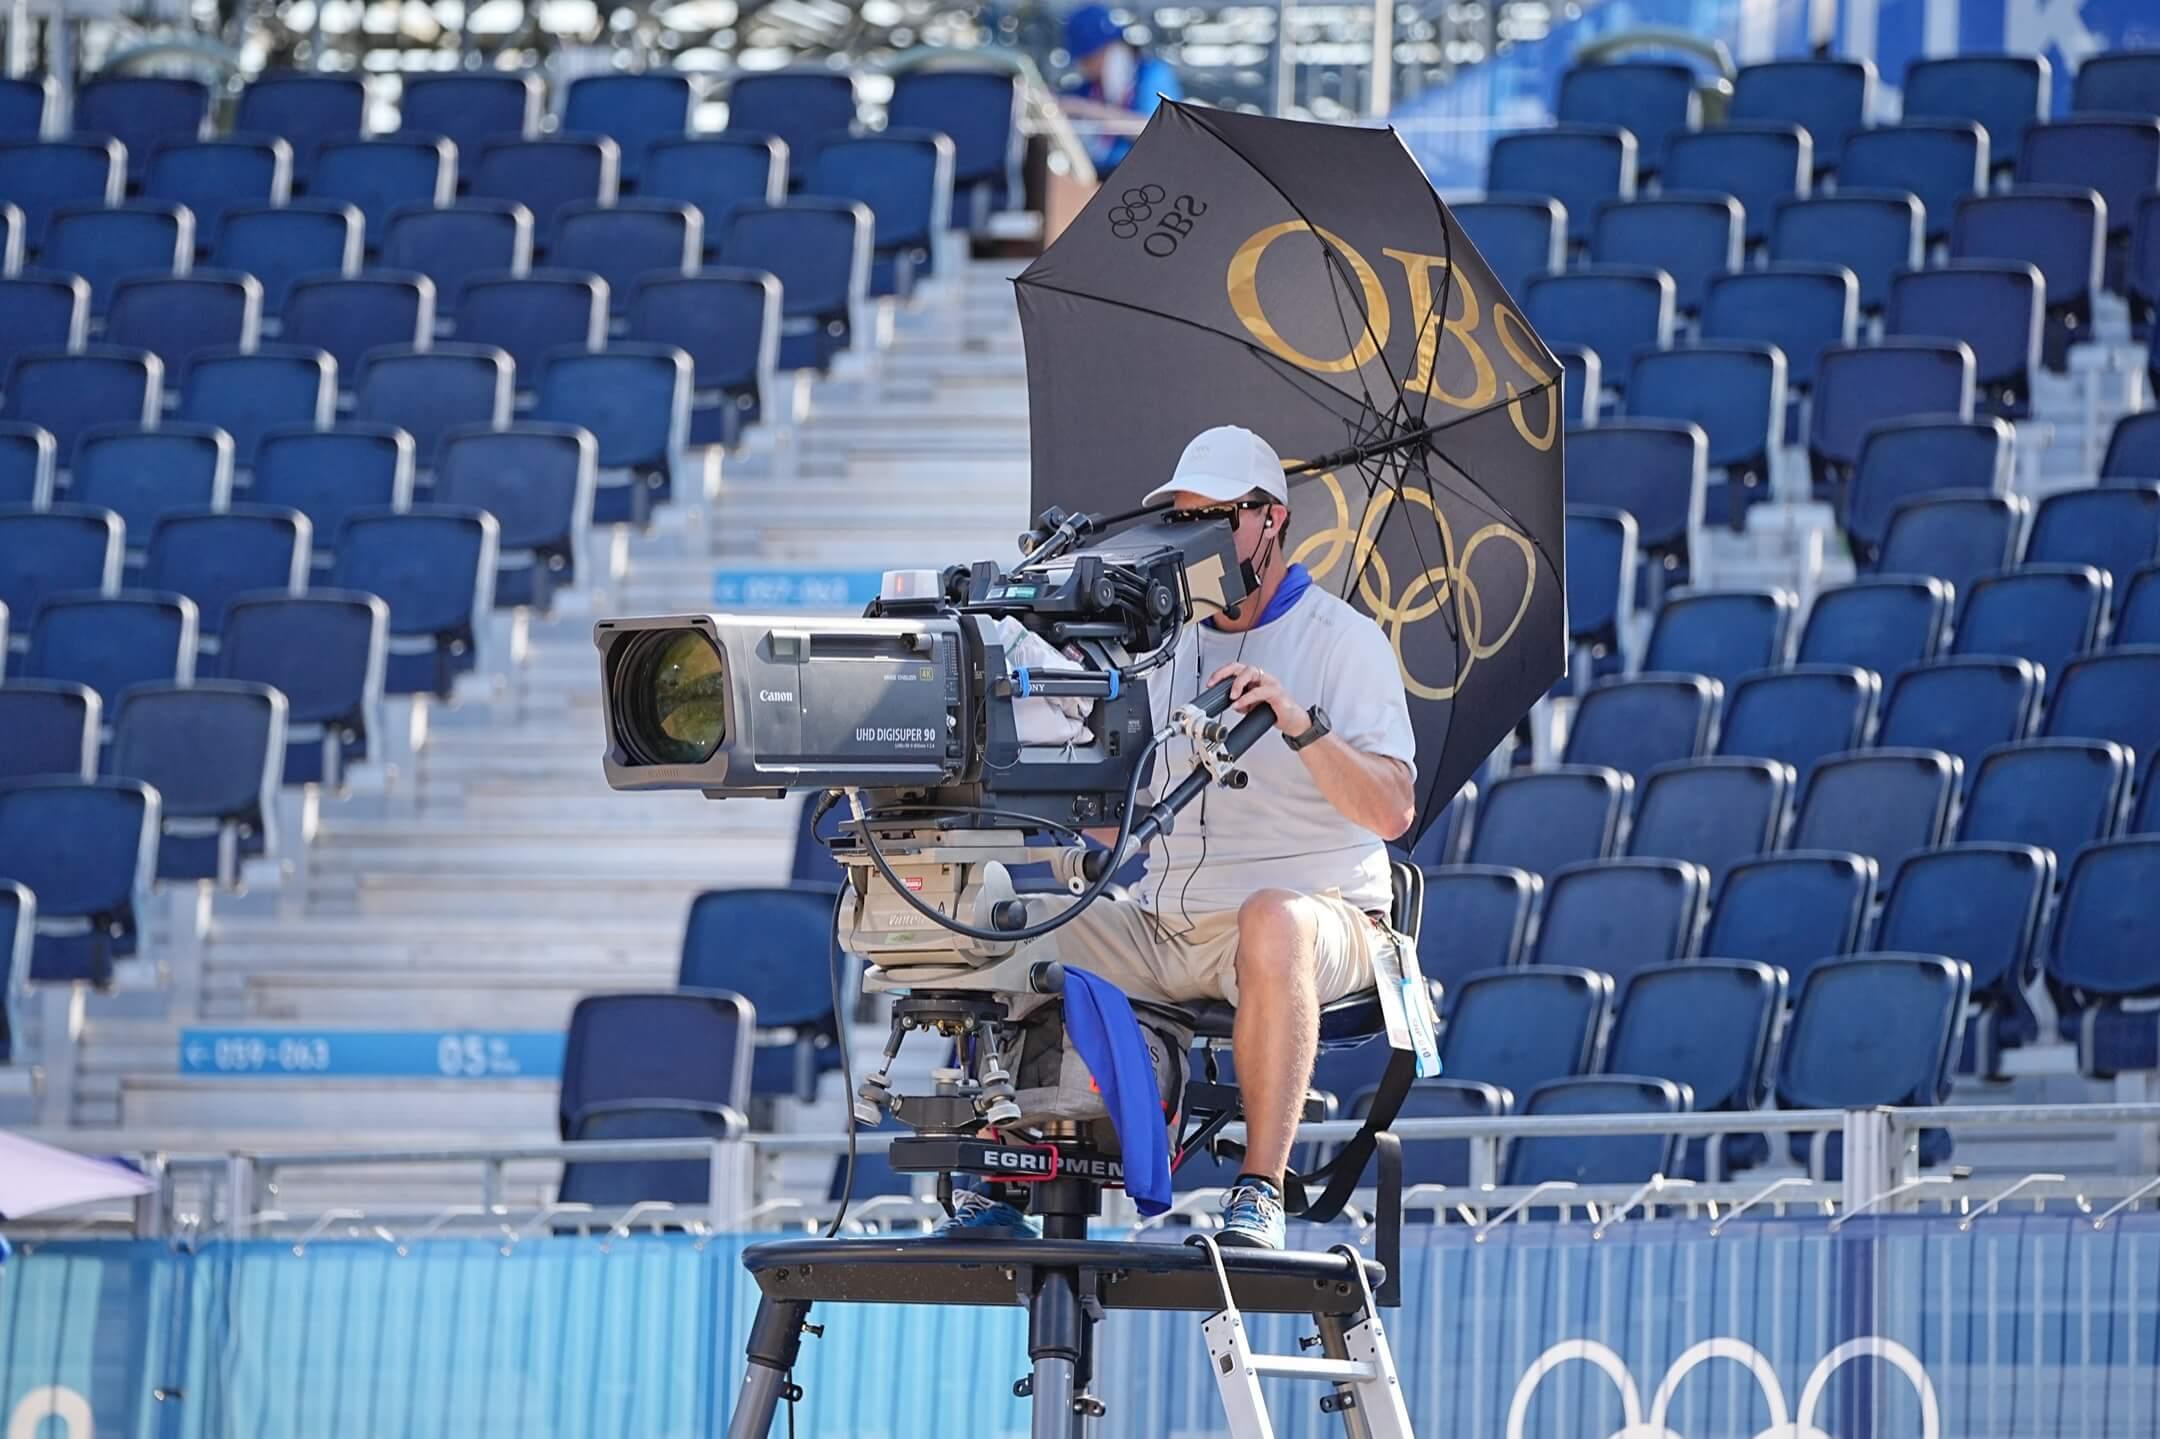 2021年7月24日,東京奧運,一位攝影師為女子沙灘排球出賽賽事的廣播進行錄像。 攝:Michael Kappeler/picture alliance via Getty Images